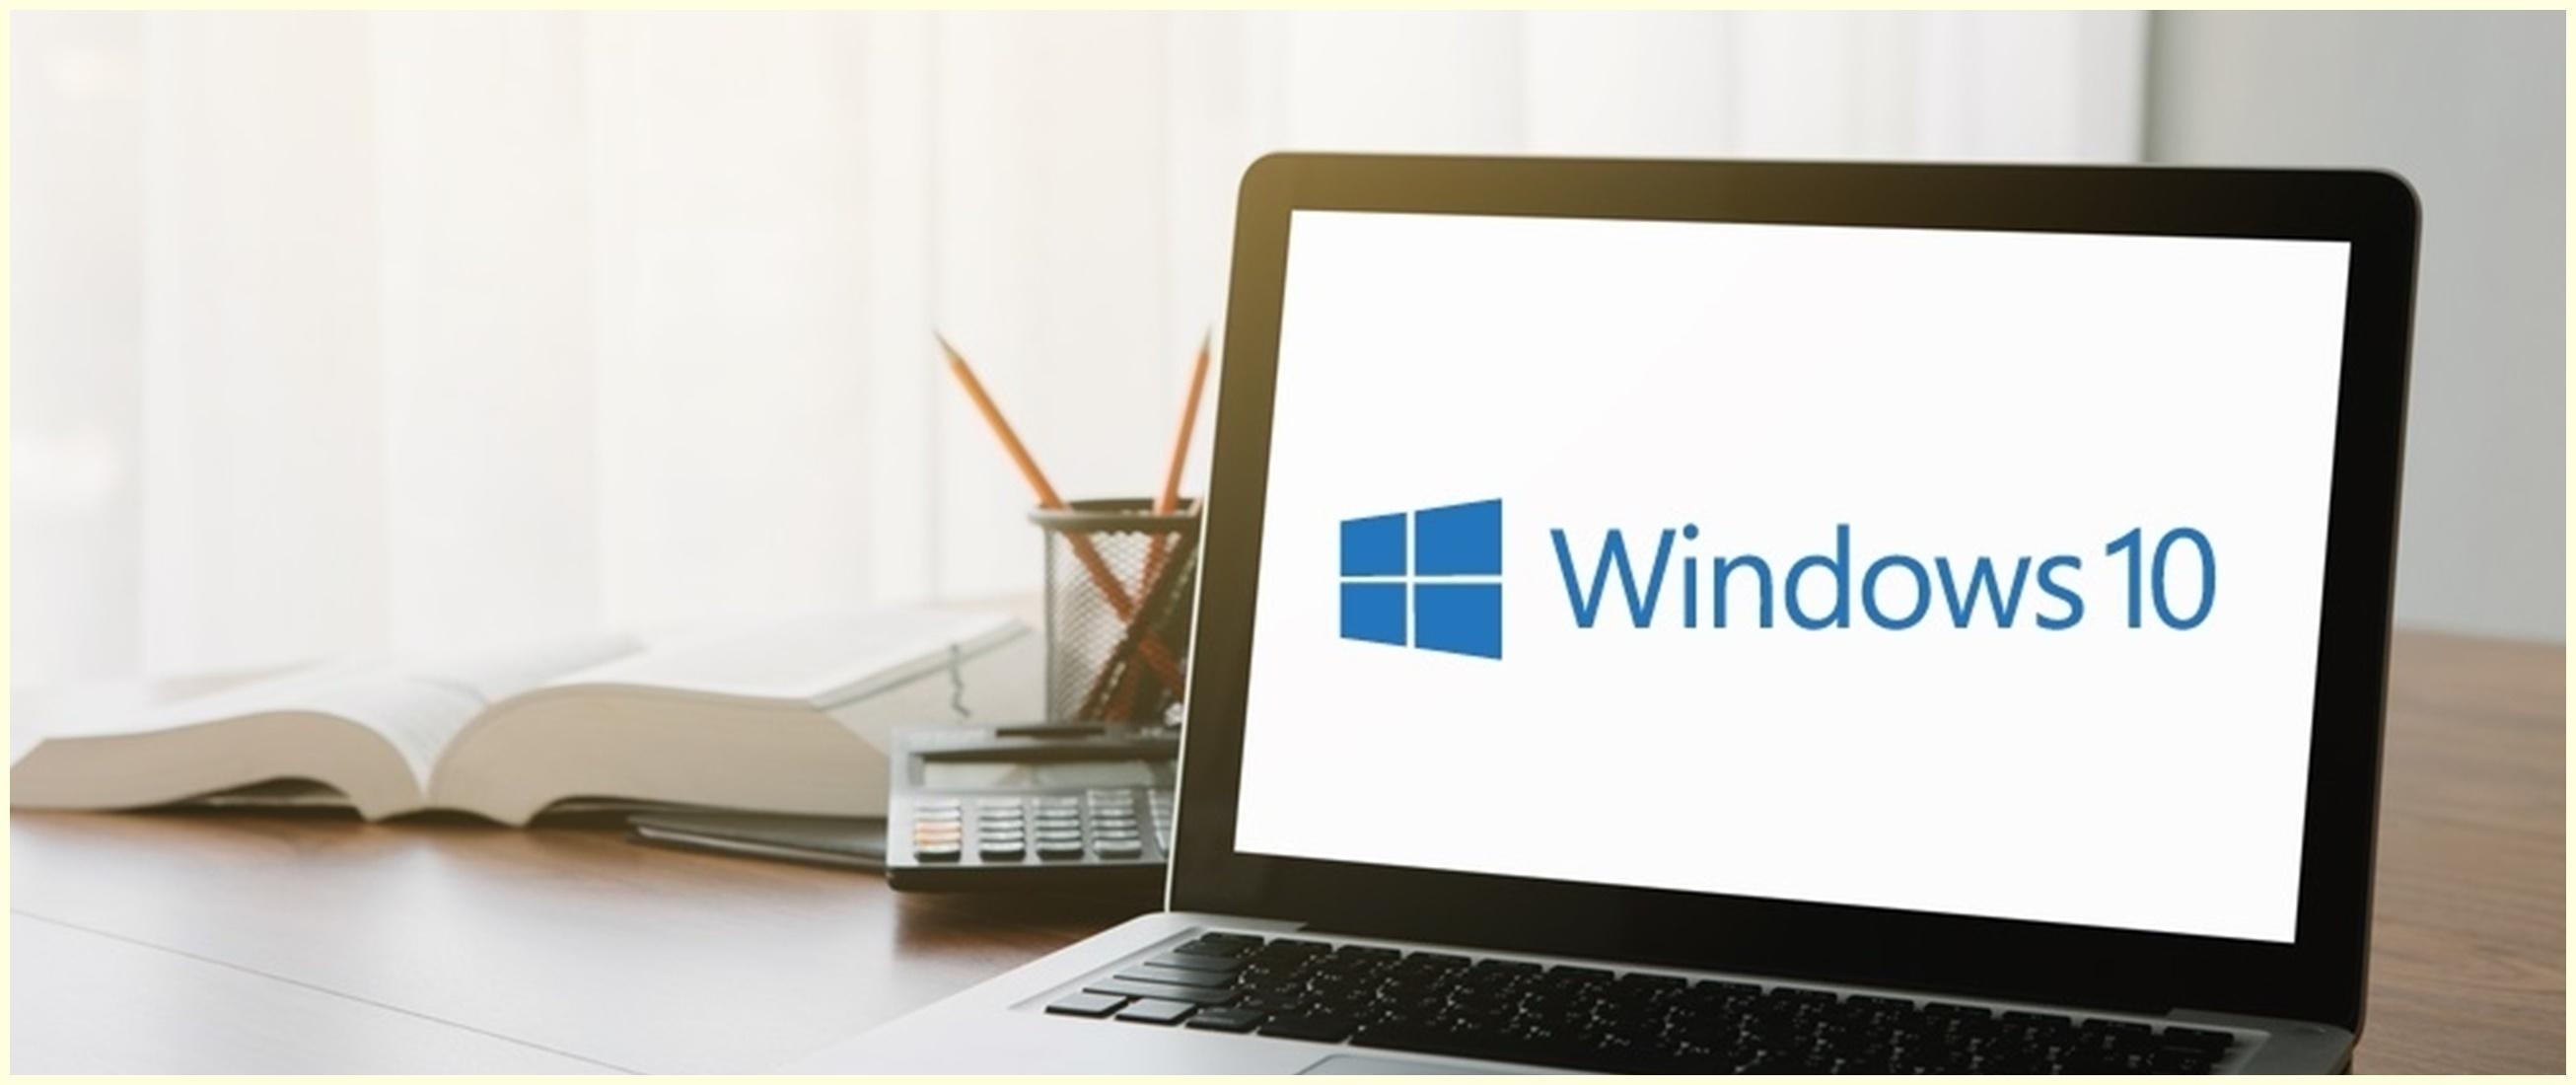 3 Cara aktivasi Windows 10, mudah, aman dan permanen